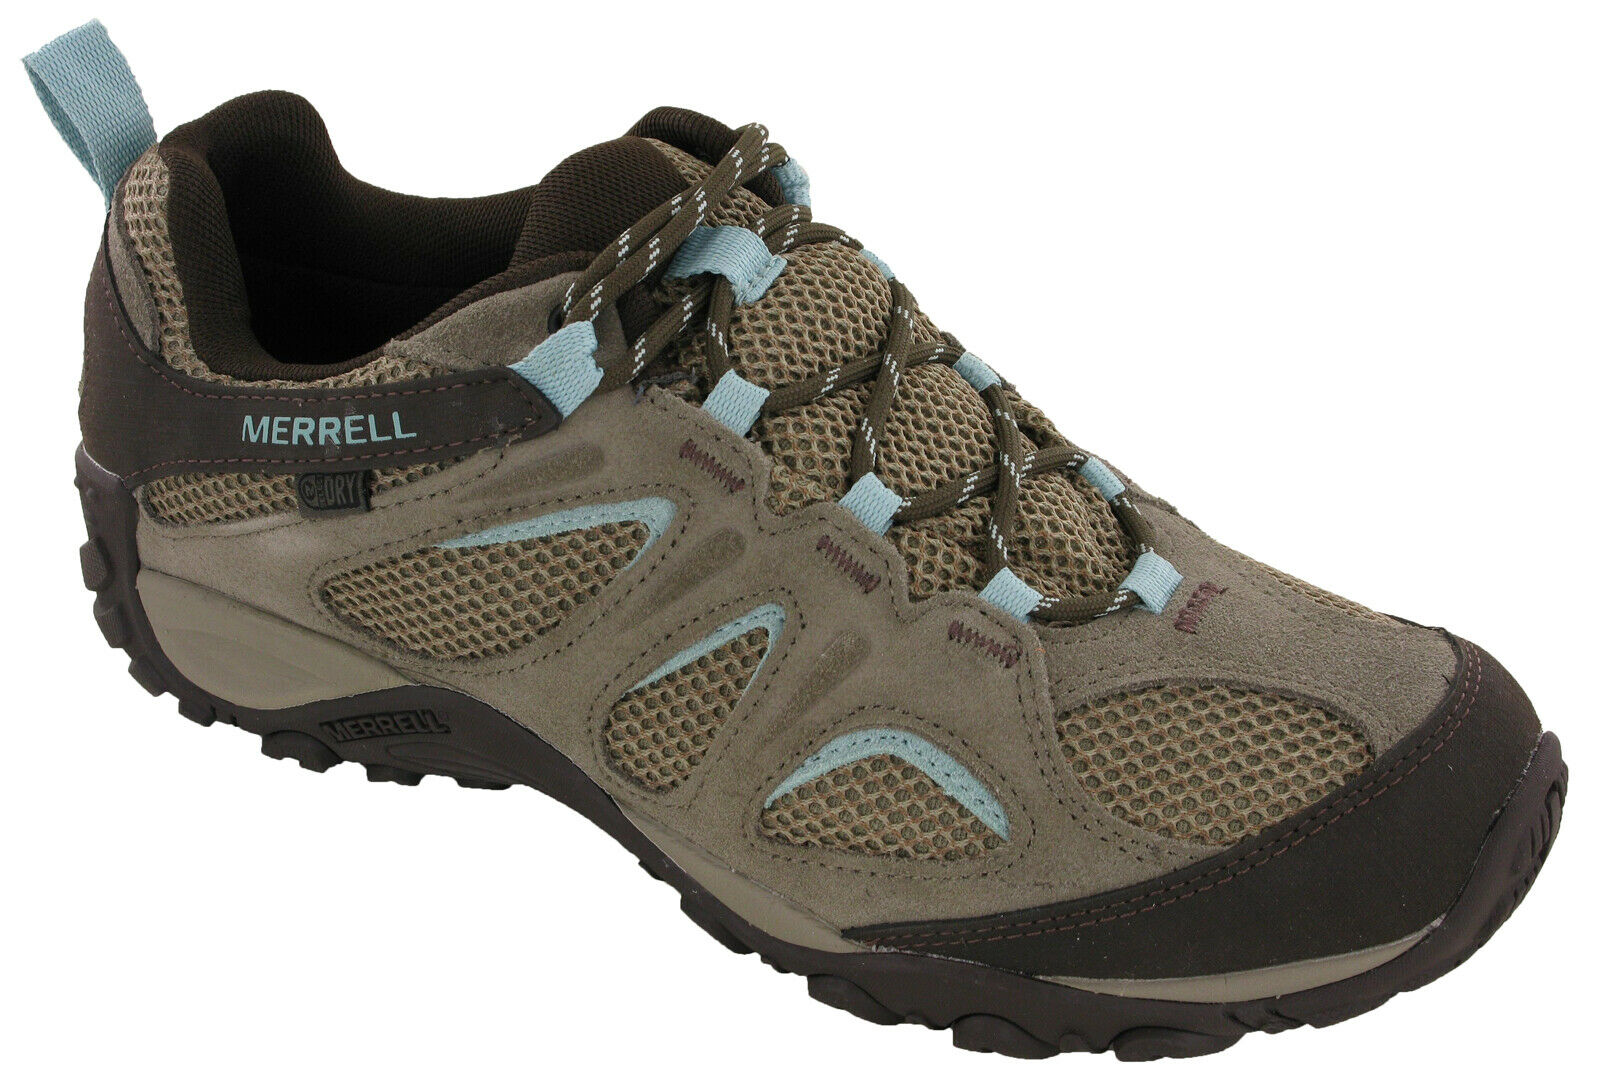 Merrell Yokota  donna Walking scarpe Hiking Trainers J31276  negozio d'offerta